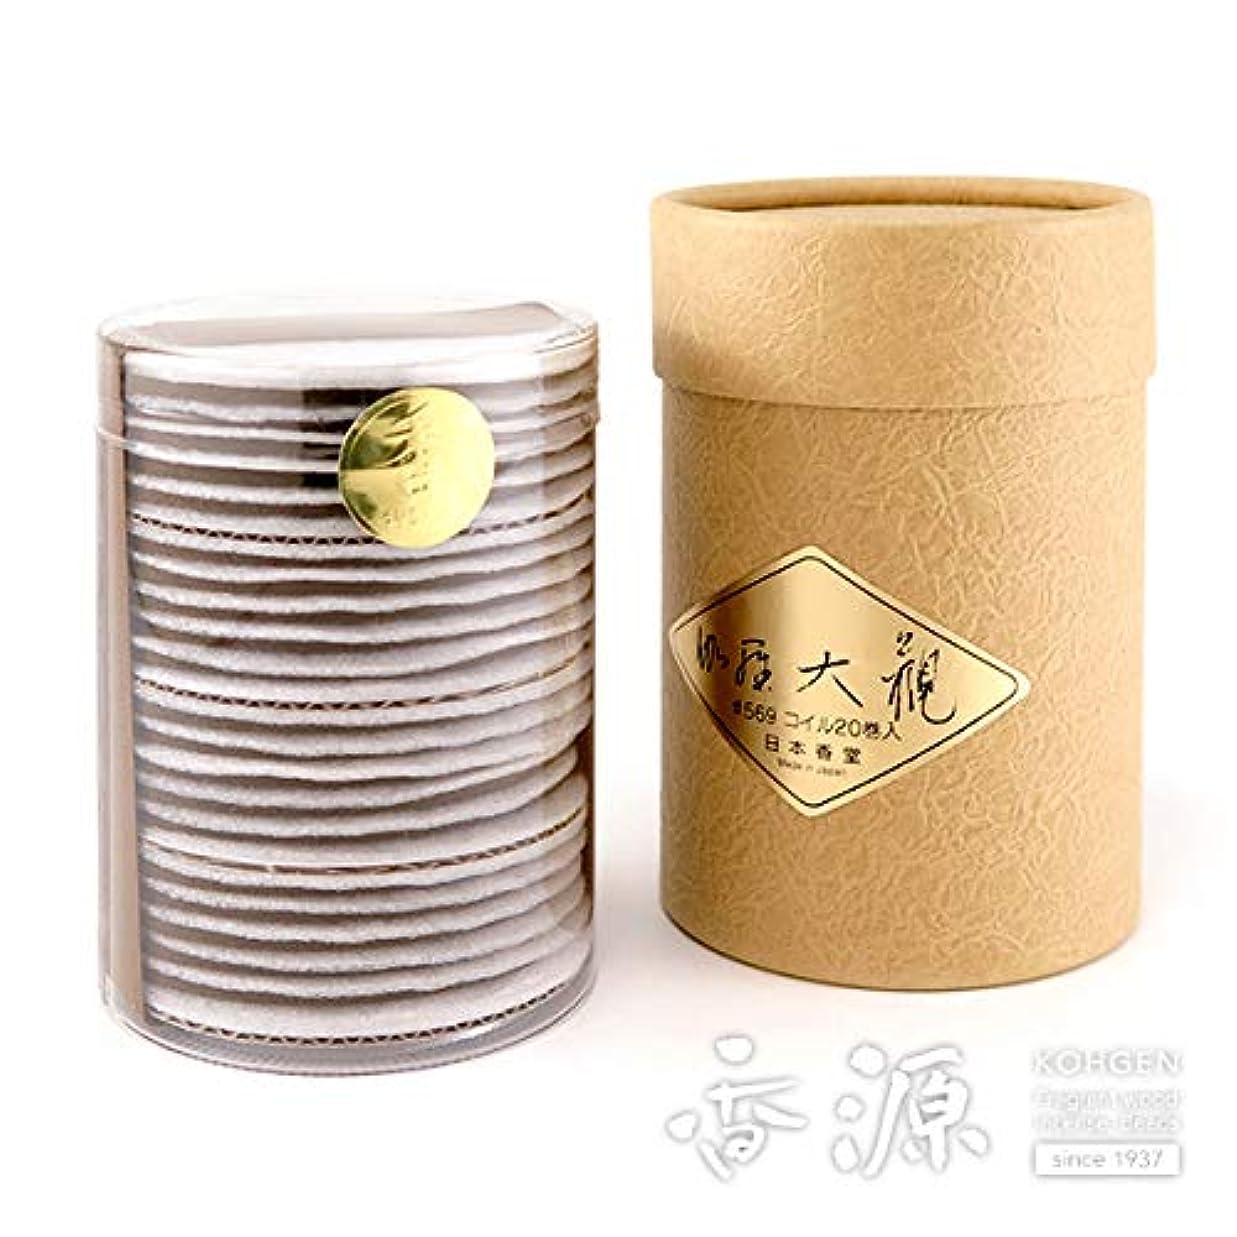 ガウン鮫相対サイズ日本香堂のお香 伽羅大観 徳用渦巻20枚入 【送料無料】